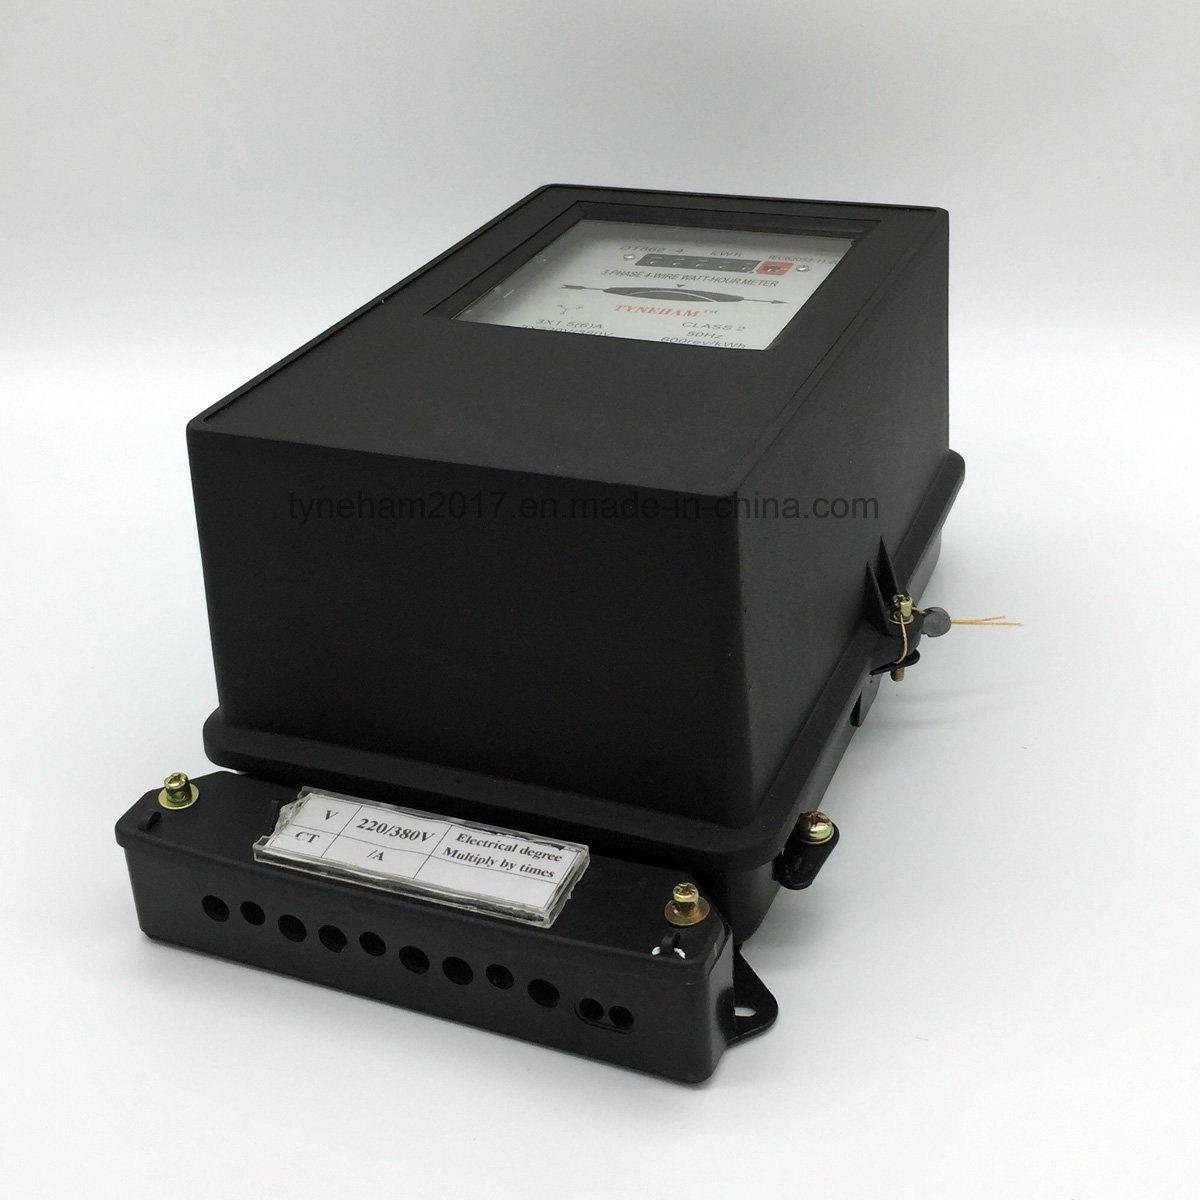 Dt862-1 Series Mechanical Meter